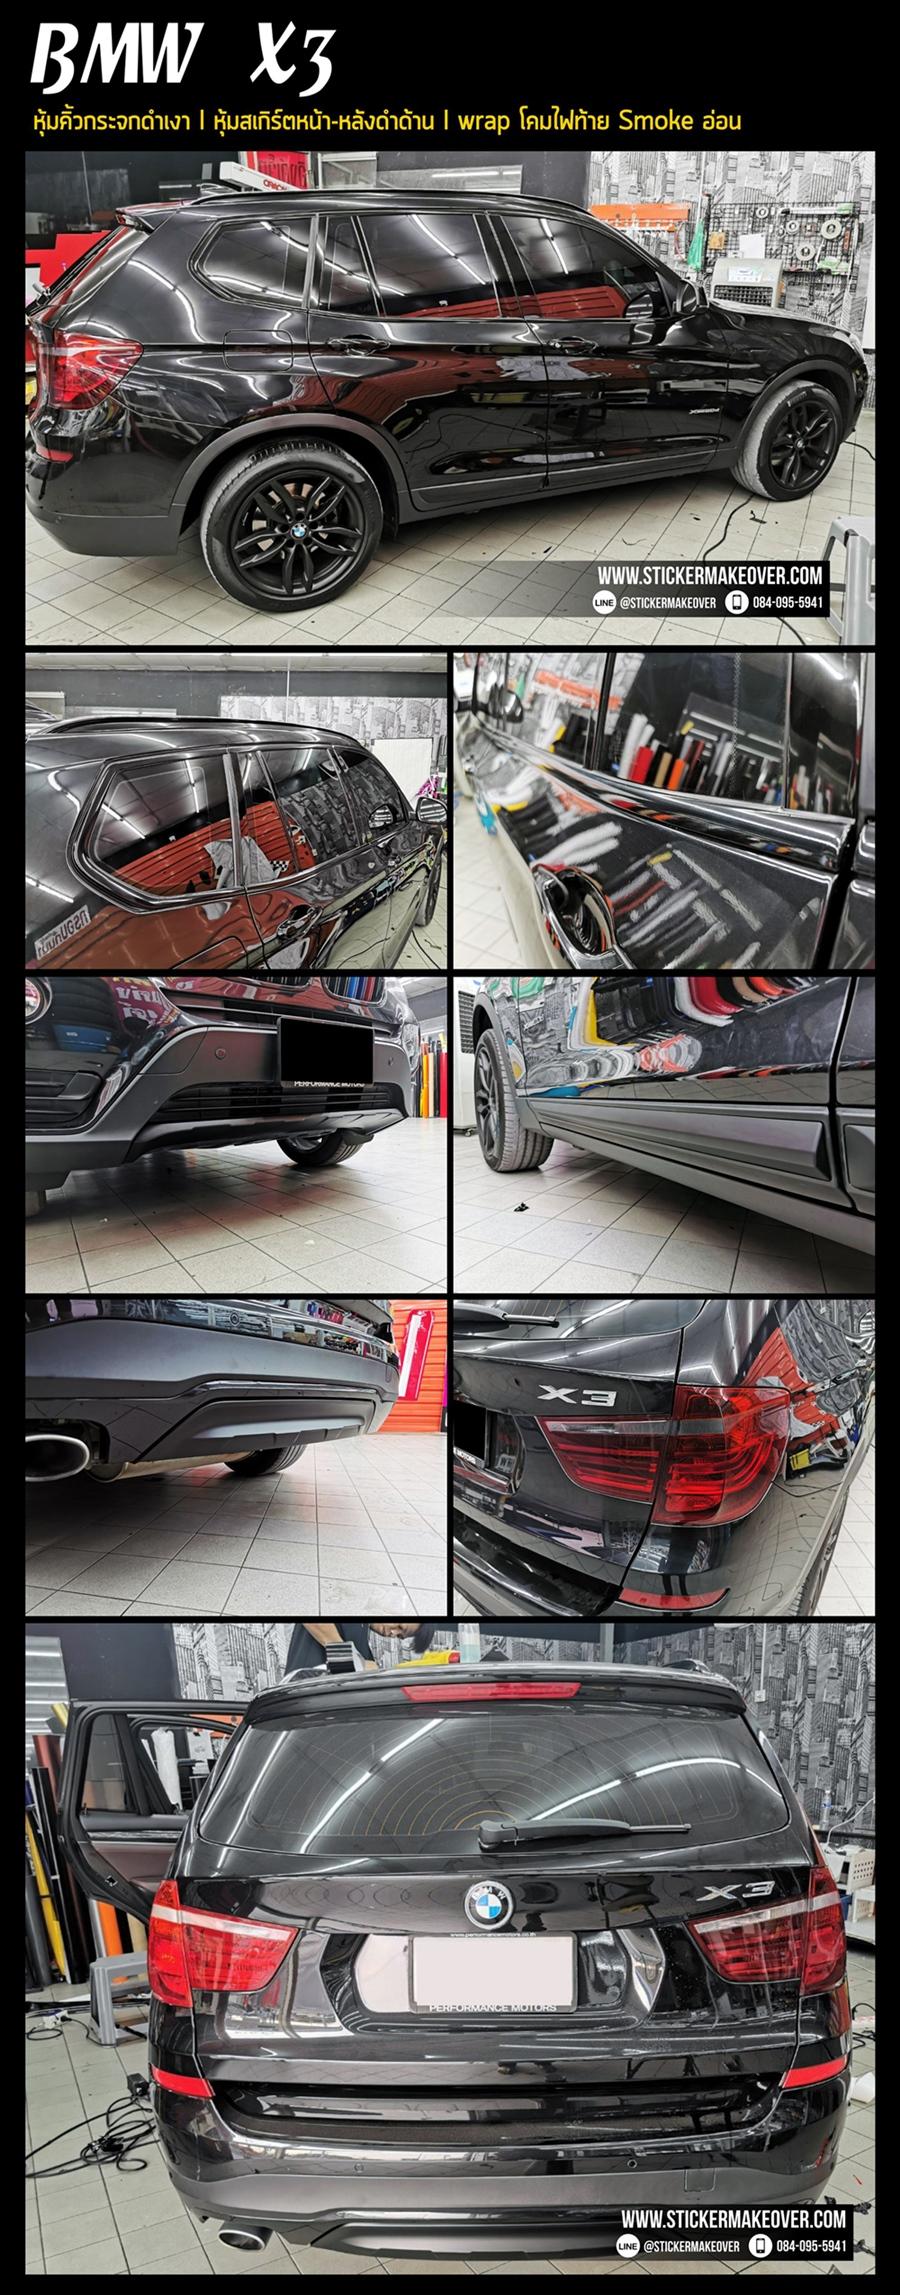 bmw x3 หุ้มสติกเกอร์สีดำด้านขอบกระจกโครเมี่ยม wrapขอบกระจกโครเมี่ยมดำด้าน ติดสติกเกอกร์สีดำด้านคิ้วกระจกโครเมี่ยม